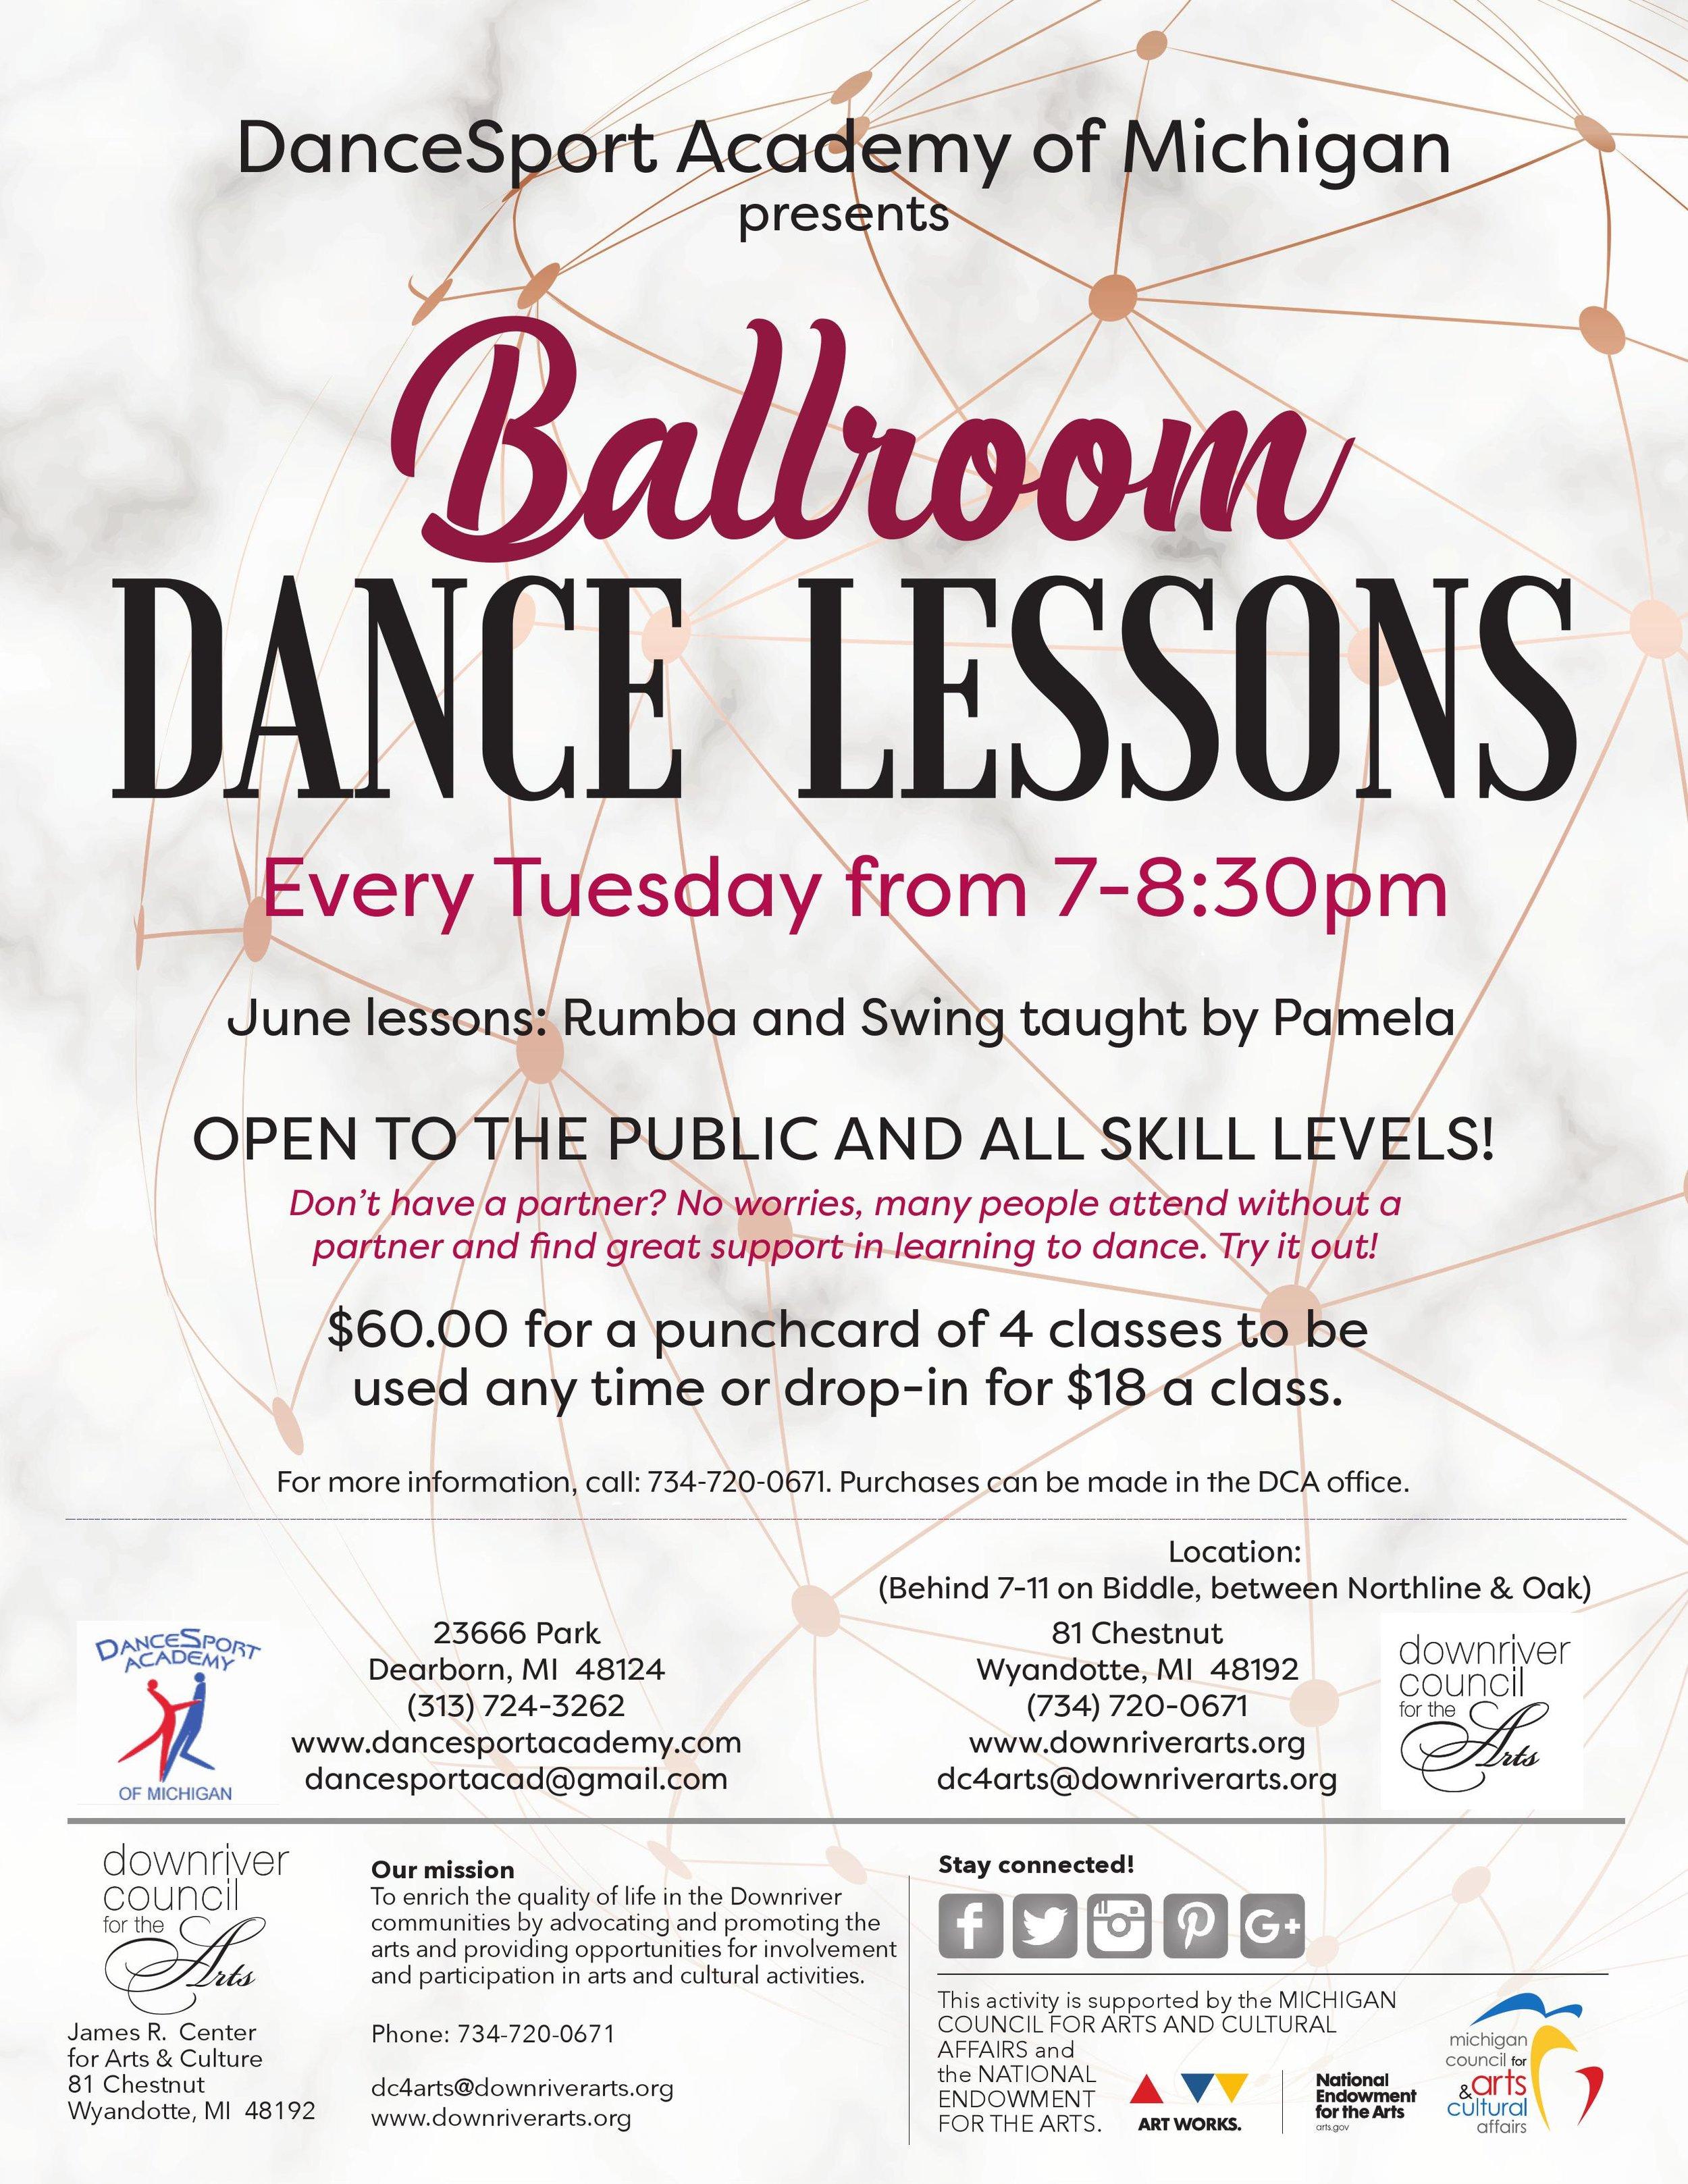 June 19 DanceLessons_00001.jpg